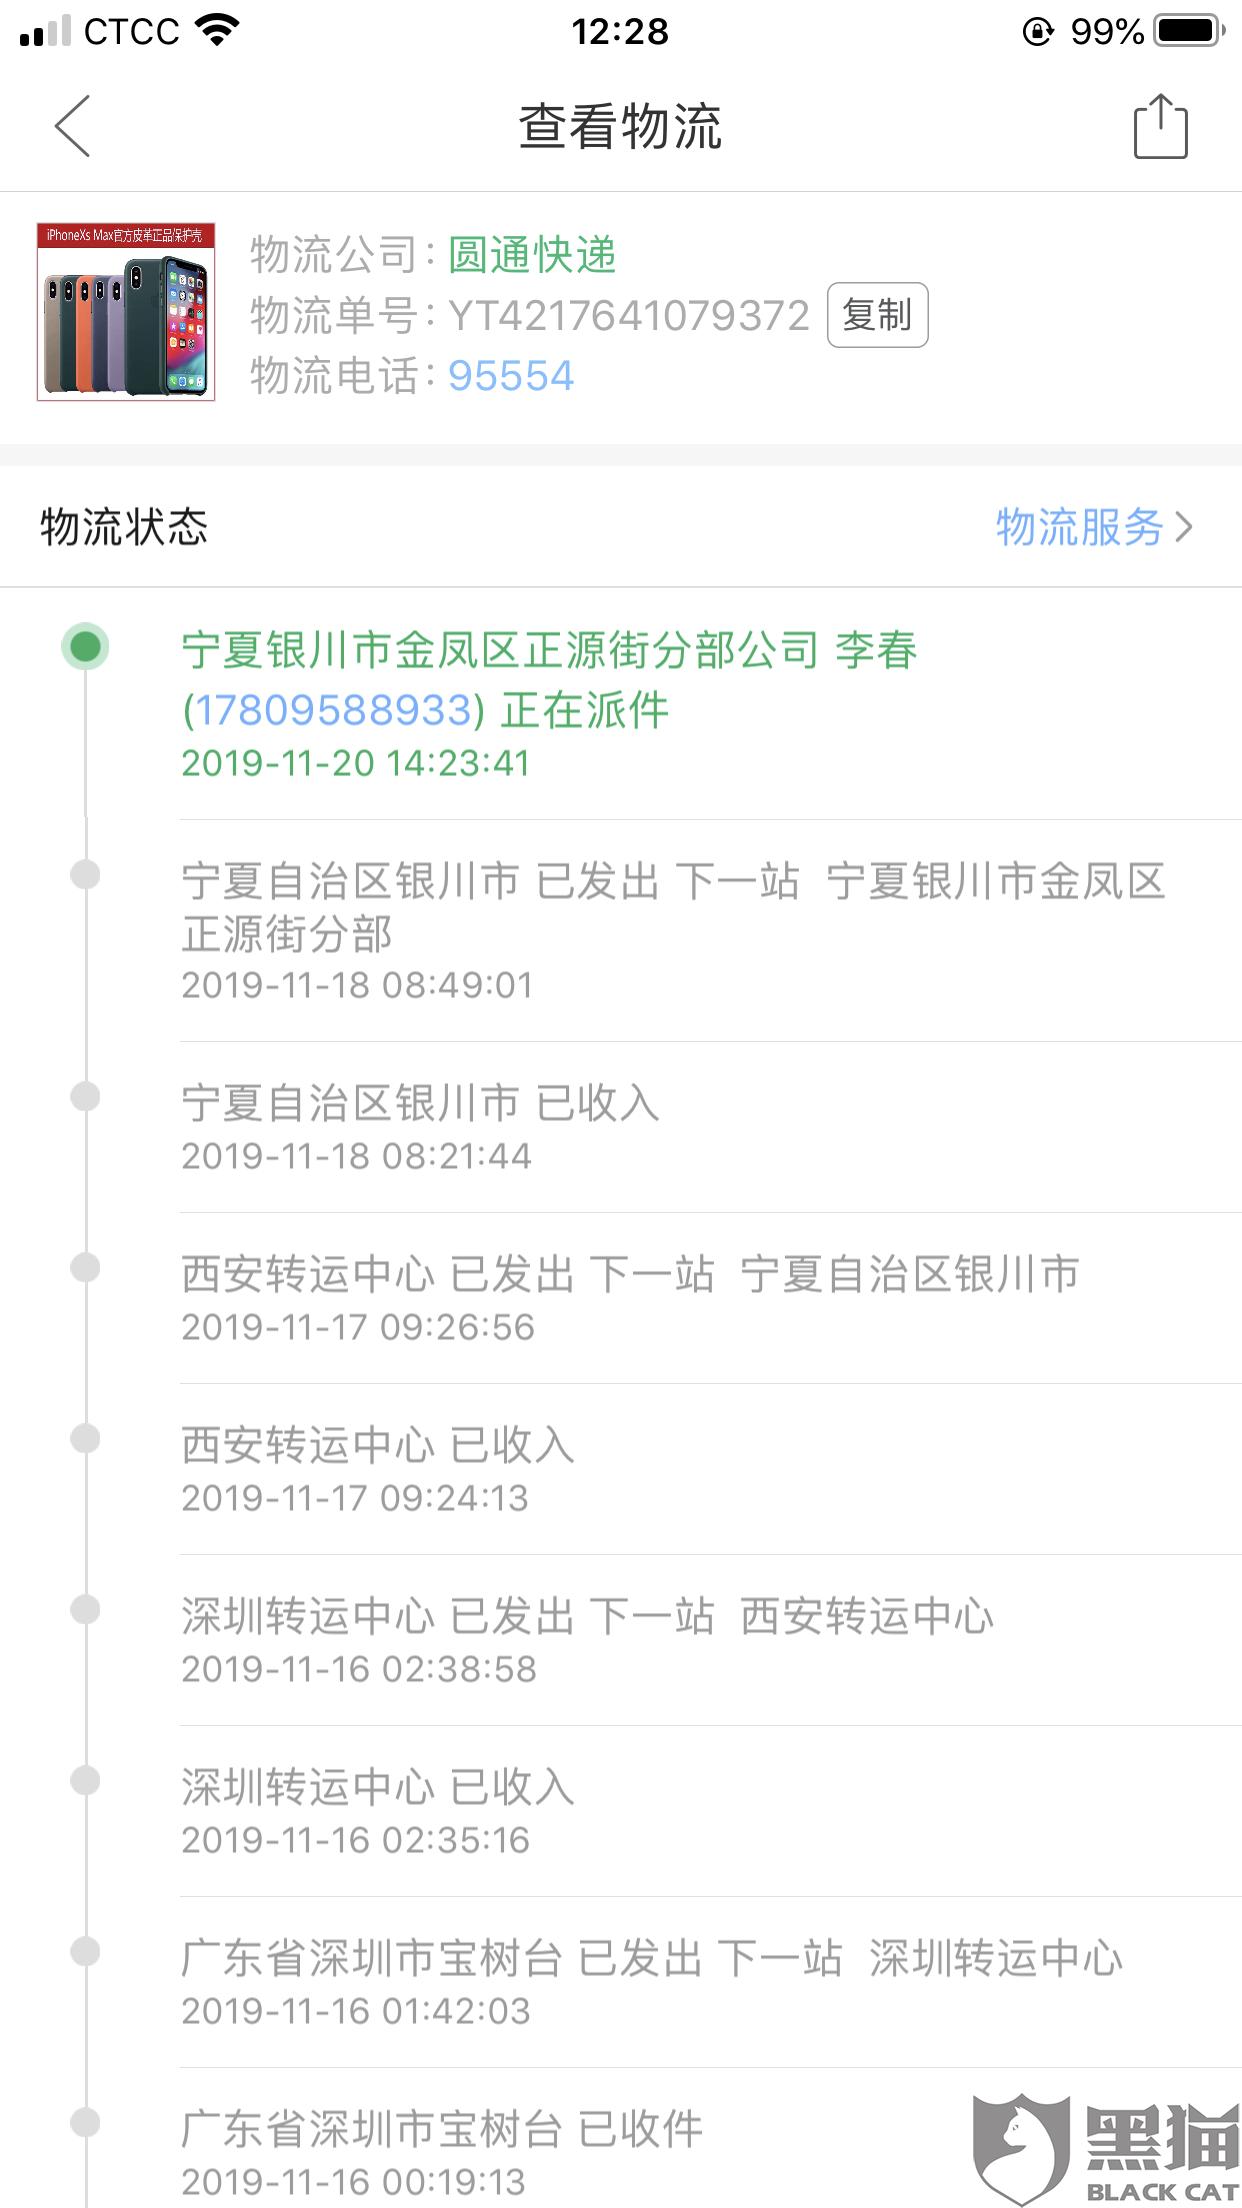 黑猫投诉:圆通官方投诉无果,宁夏分公司出尔反尔